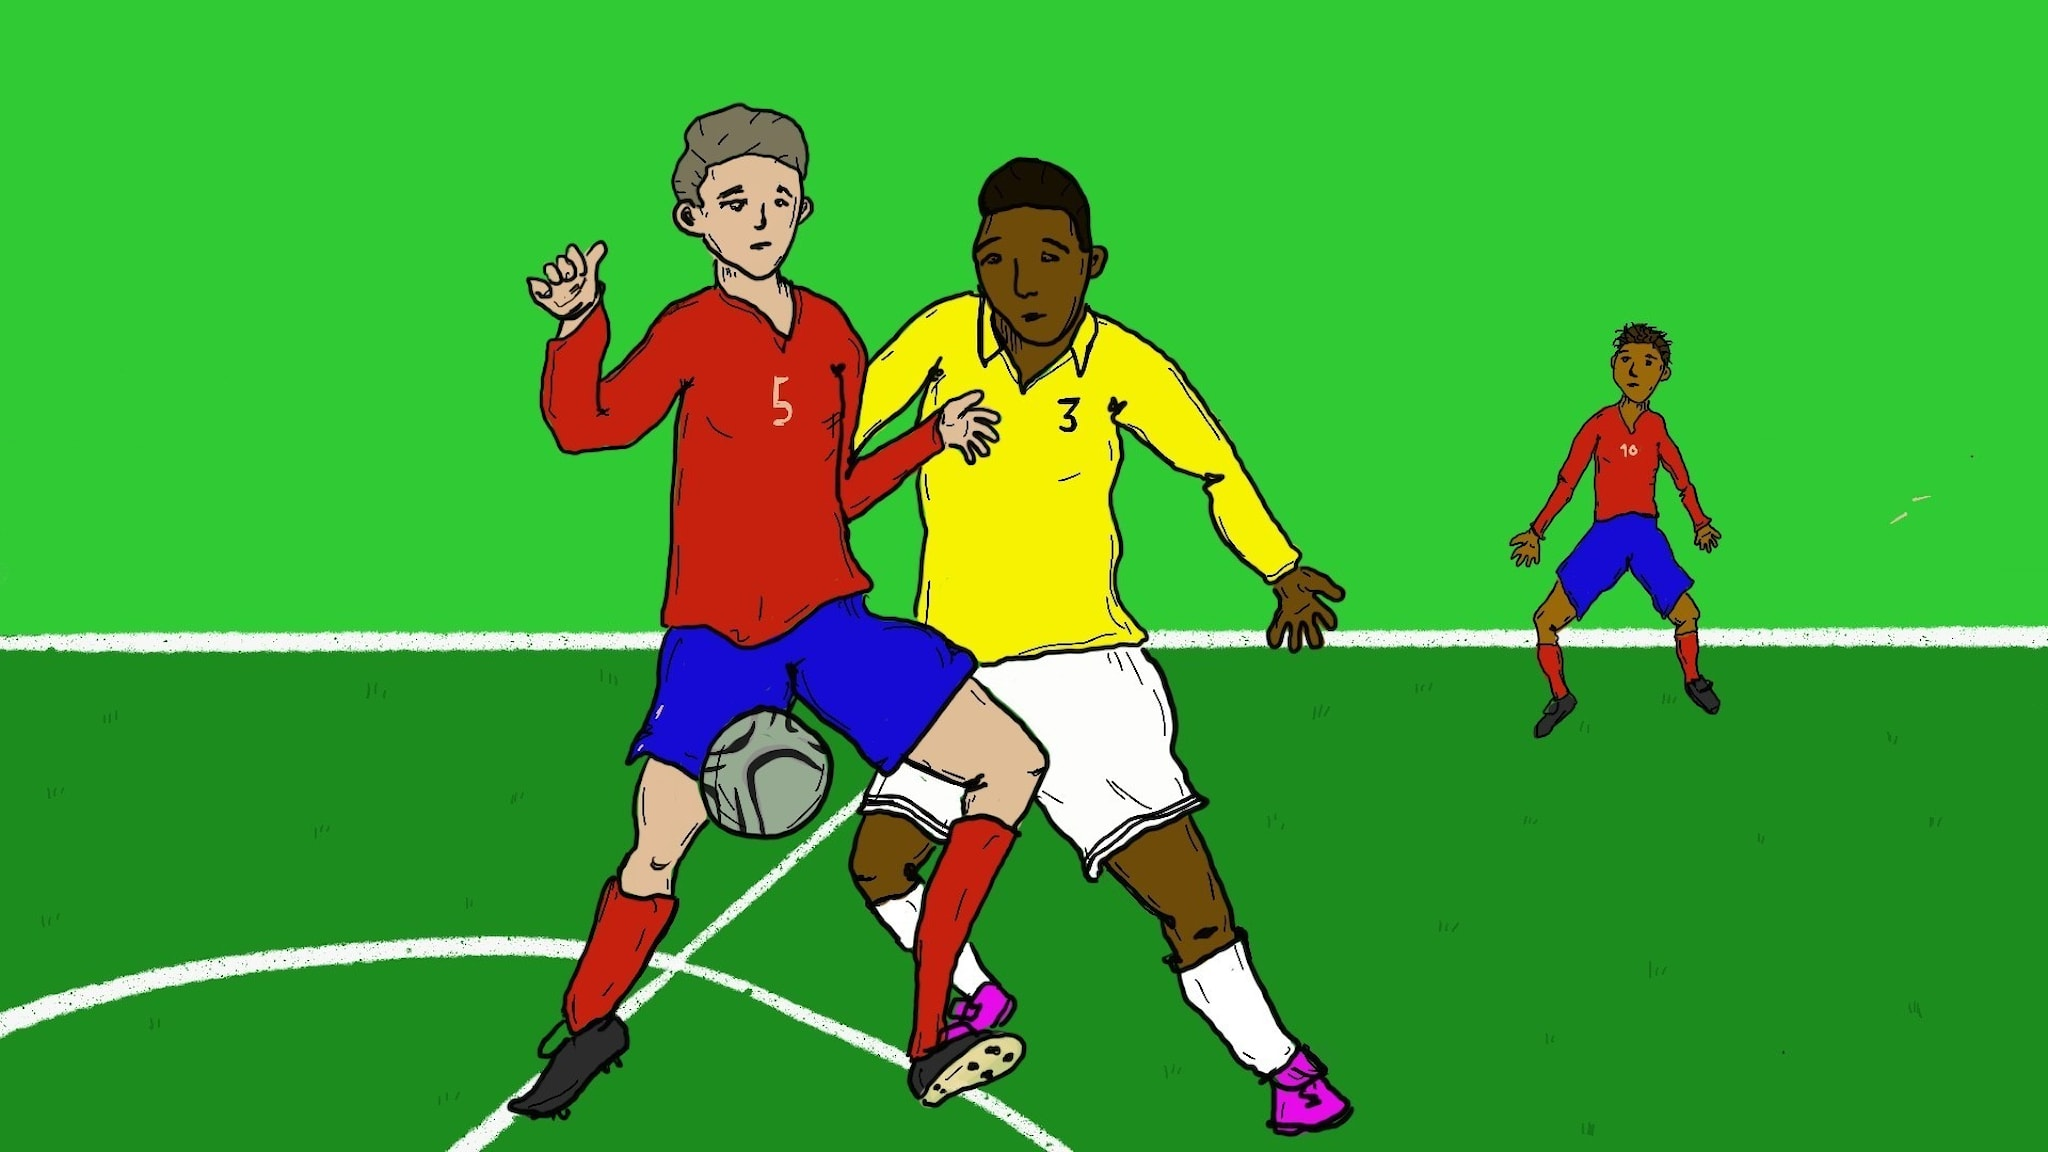 Piirros: Jimmy ja Sami jalkapalloottelussa